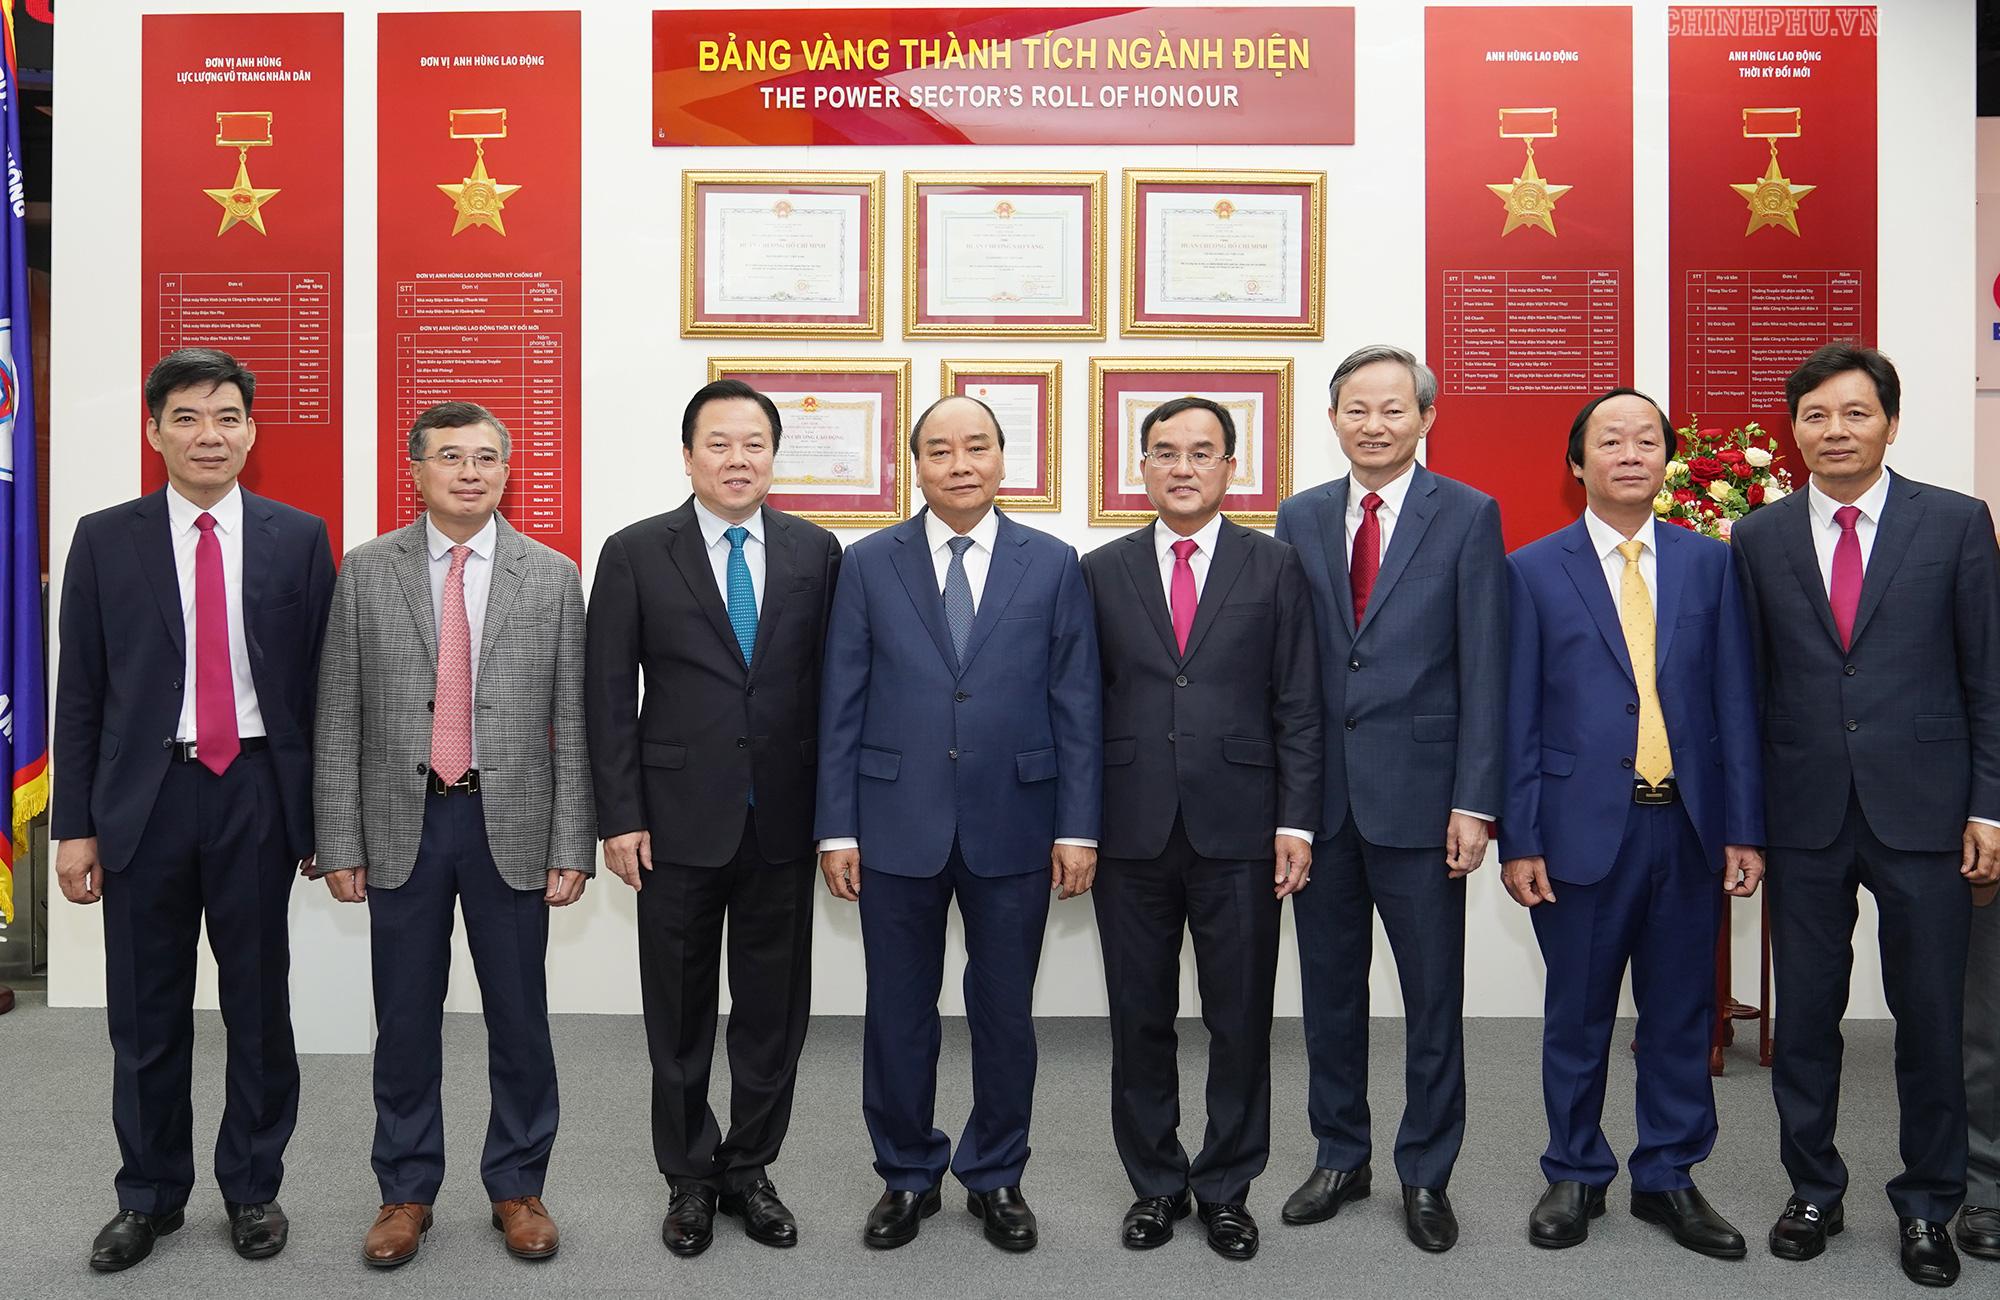 Điện lực Việt Nam hiện có 28 triệu khách hàng - Ảnh 5.